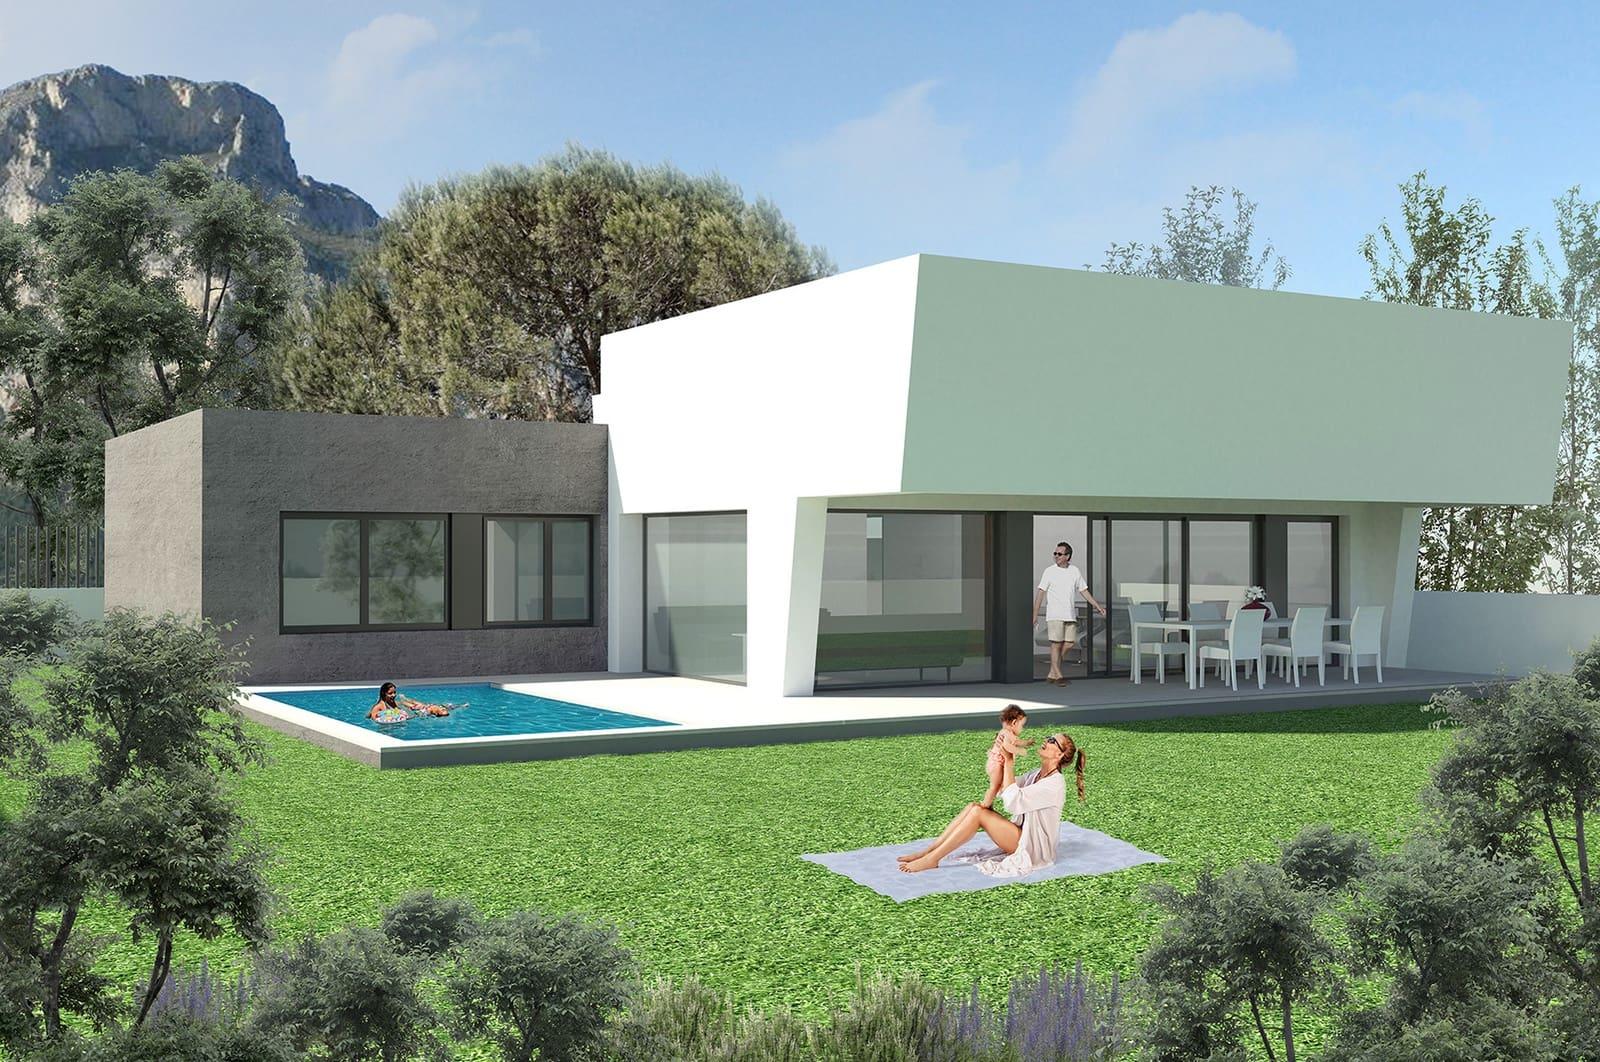 Chalet de 3 habitaciones en Polop en venta con piscina - 436.000 € (Ref: 4914388)